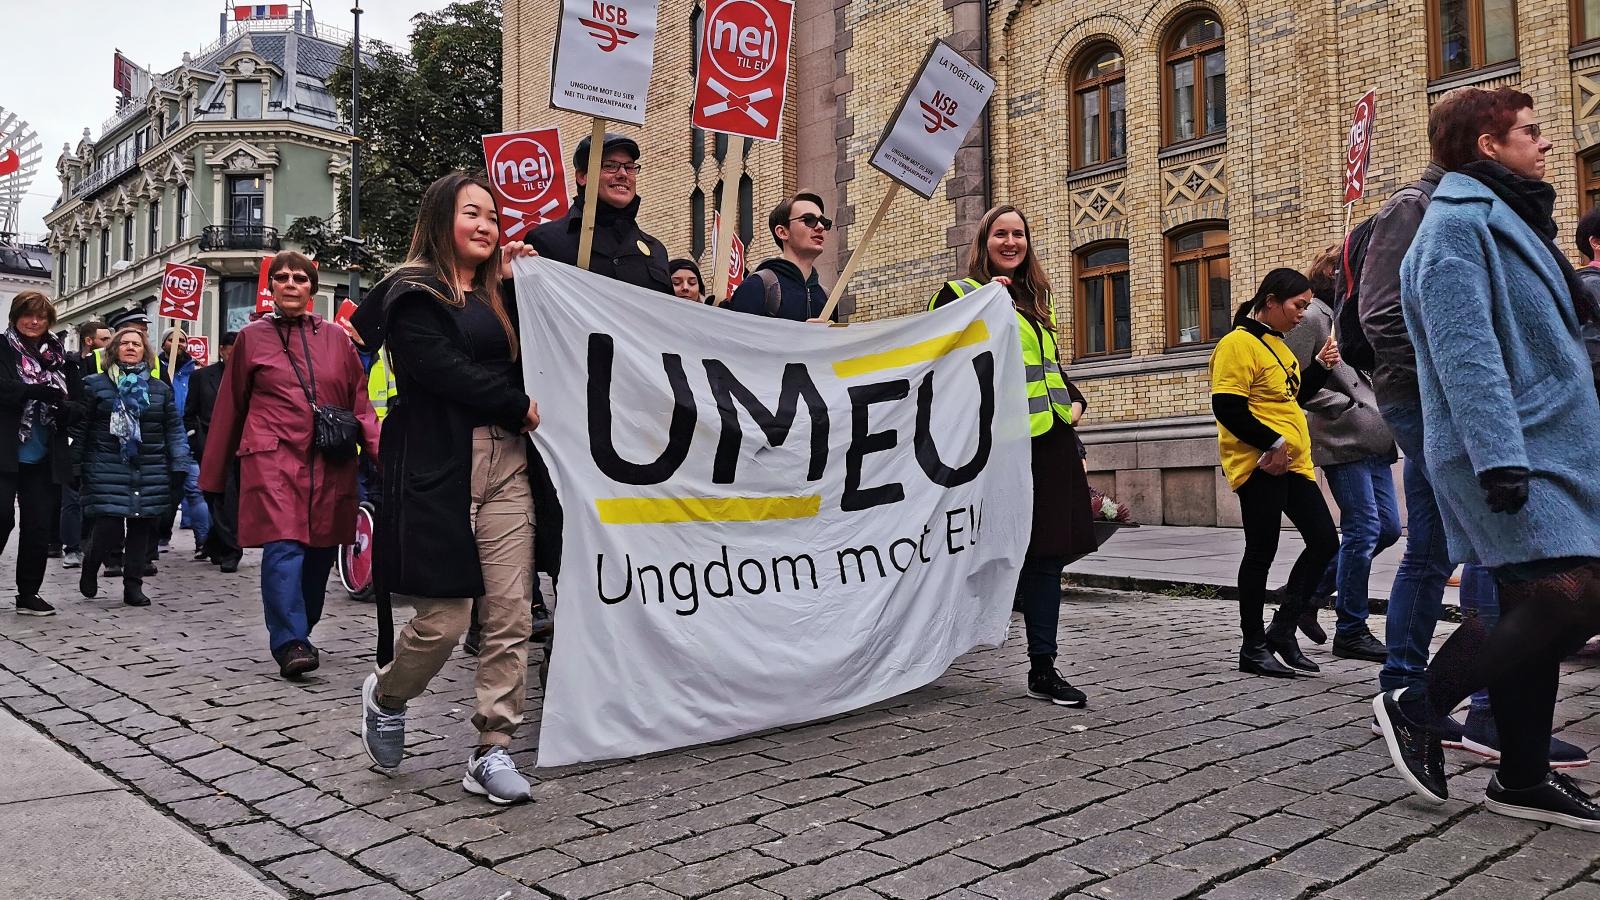 Nei til EU og Ungdom mot EU i demonstrasjon mot EUs fjerde jernbanepakke.